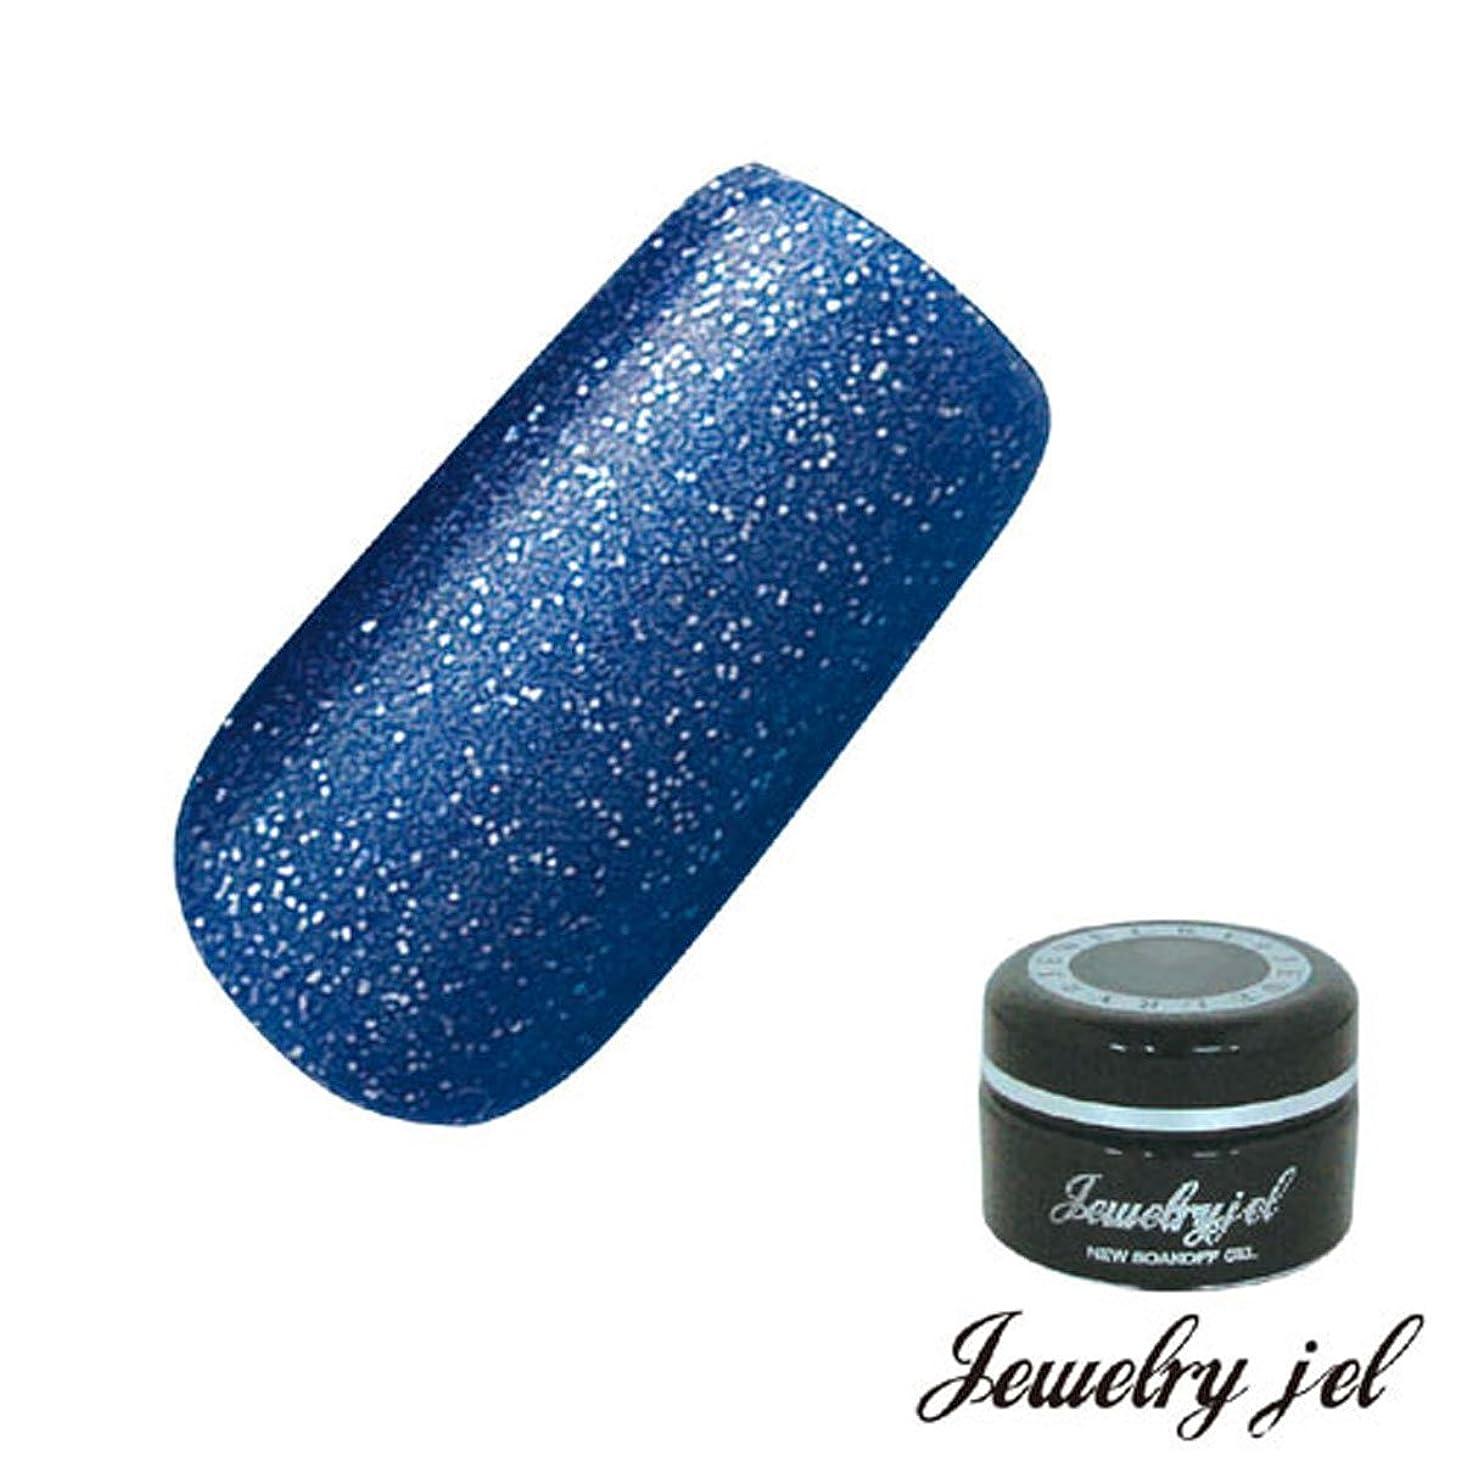 賭けローン振り向くジュエリージェル ジェルネイル カラージェル SB211 8g パープル パール入り UV/LED対応  ソークオフジェル パープルブルー